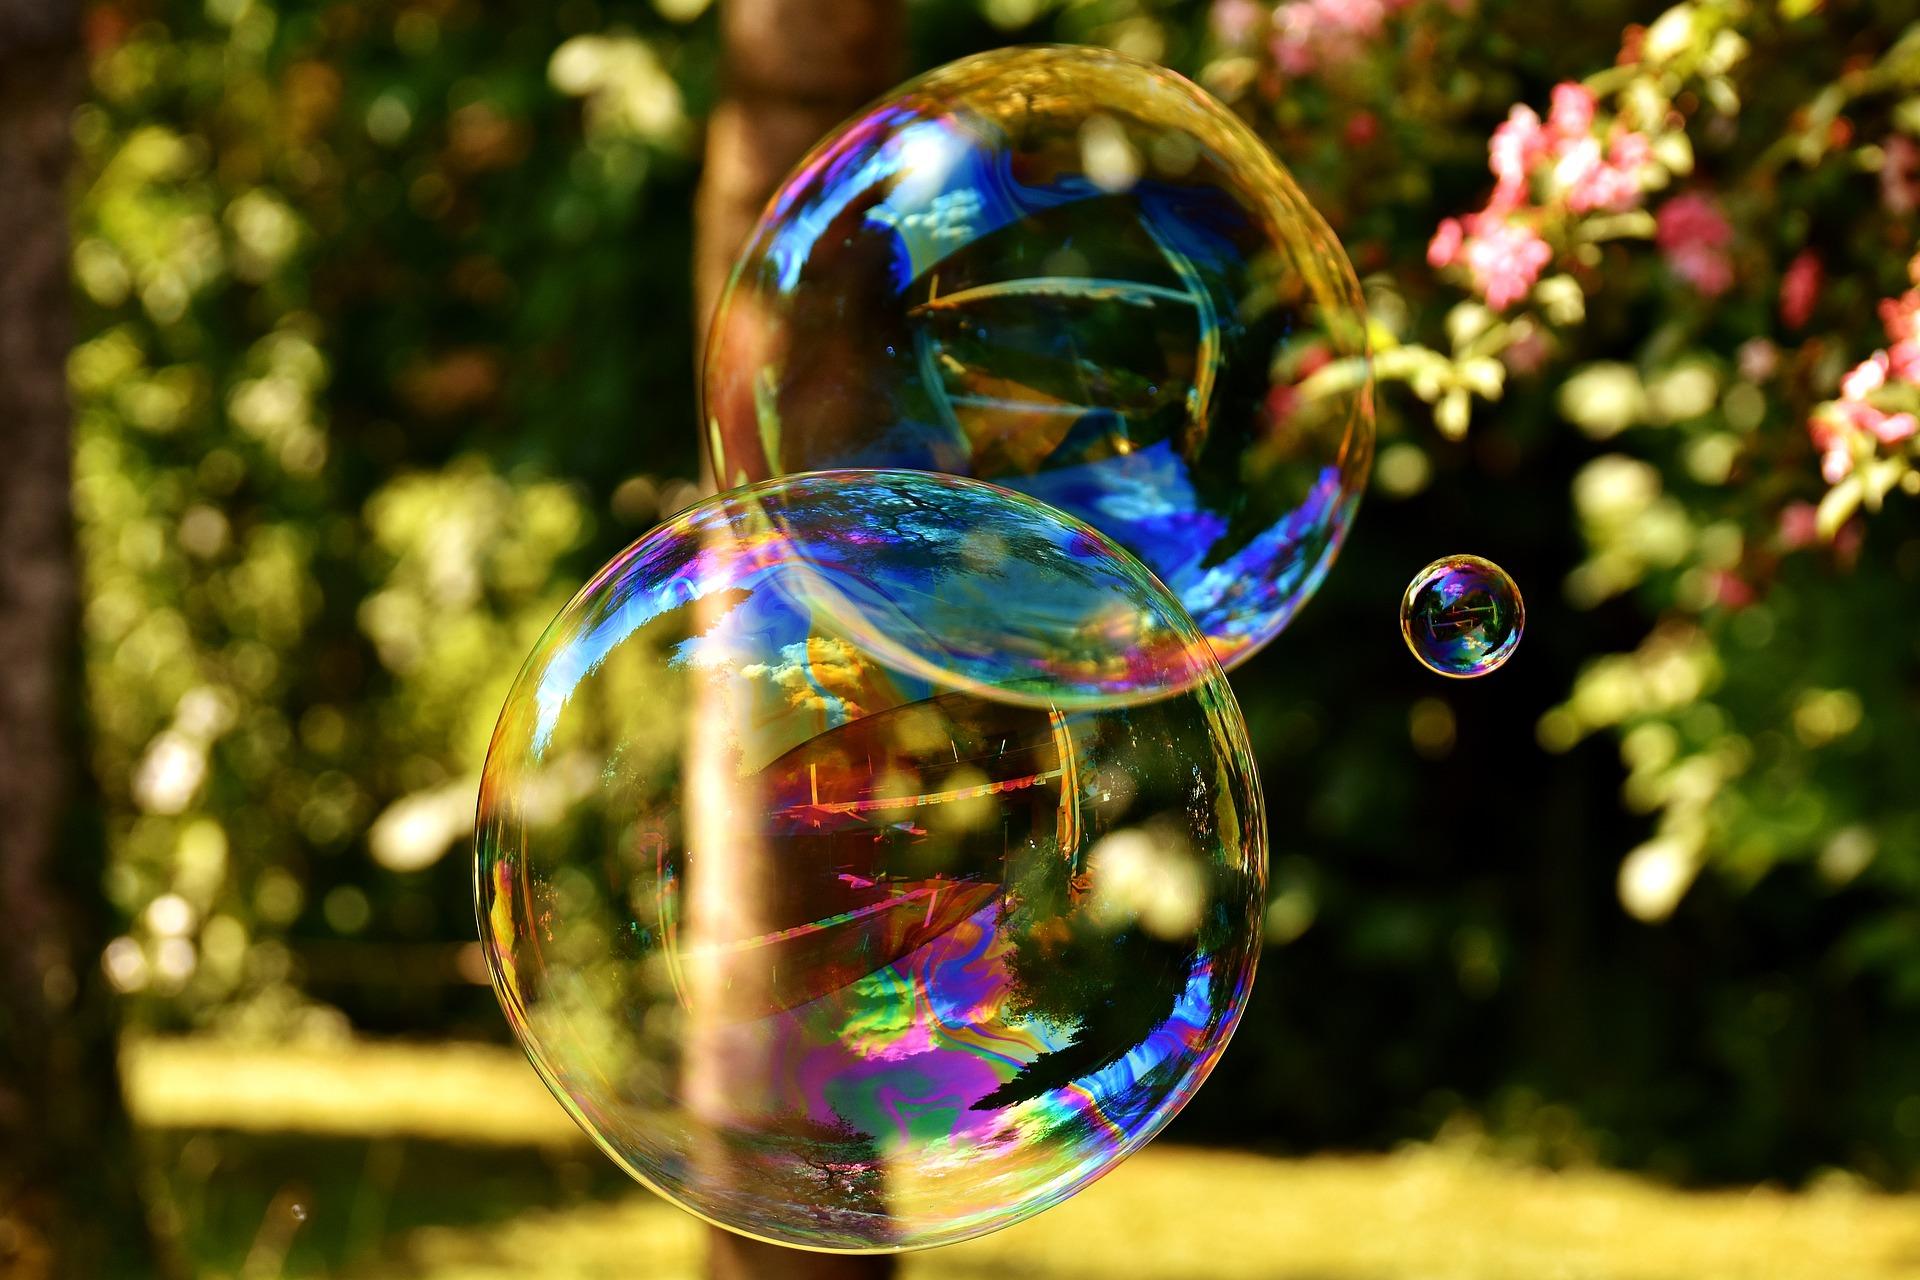 soap-bubble-2403673_1920